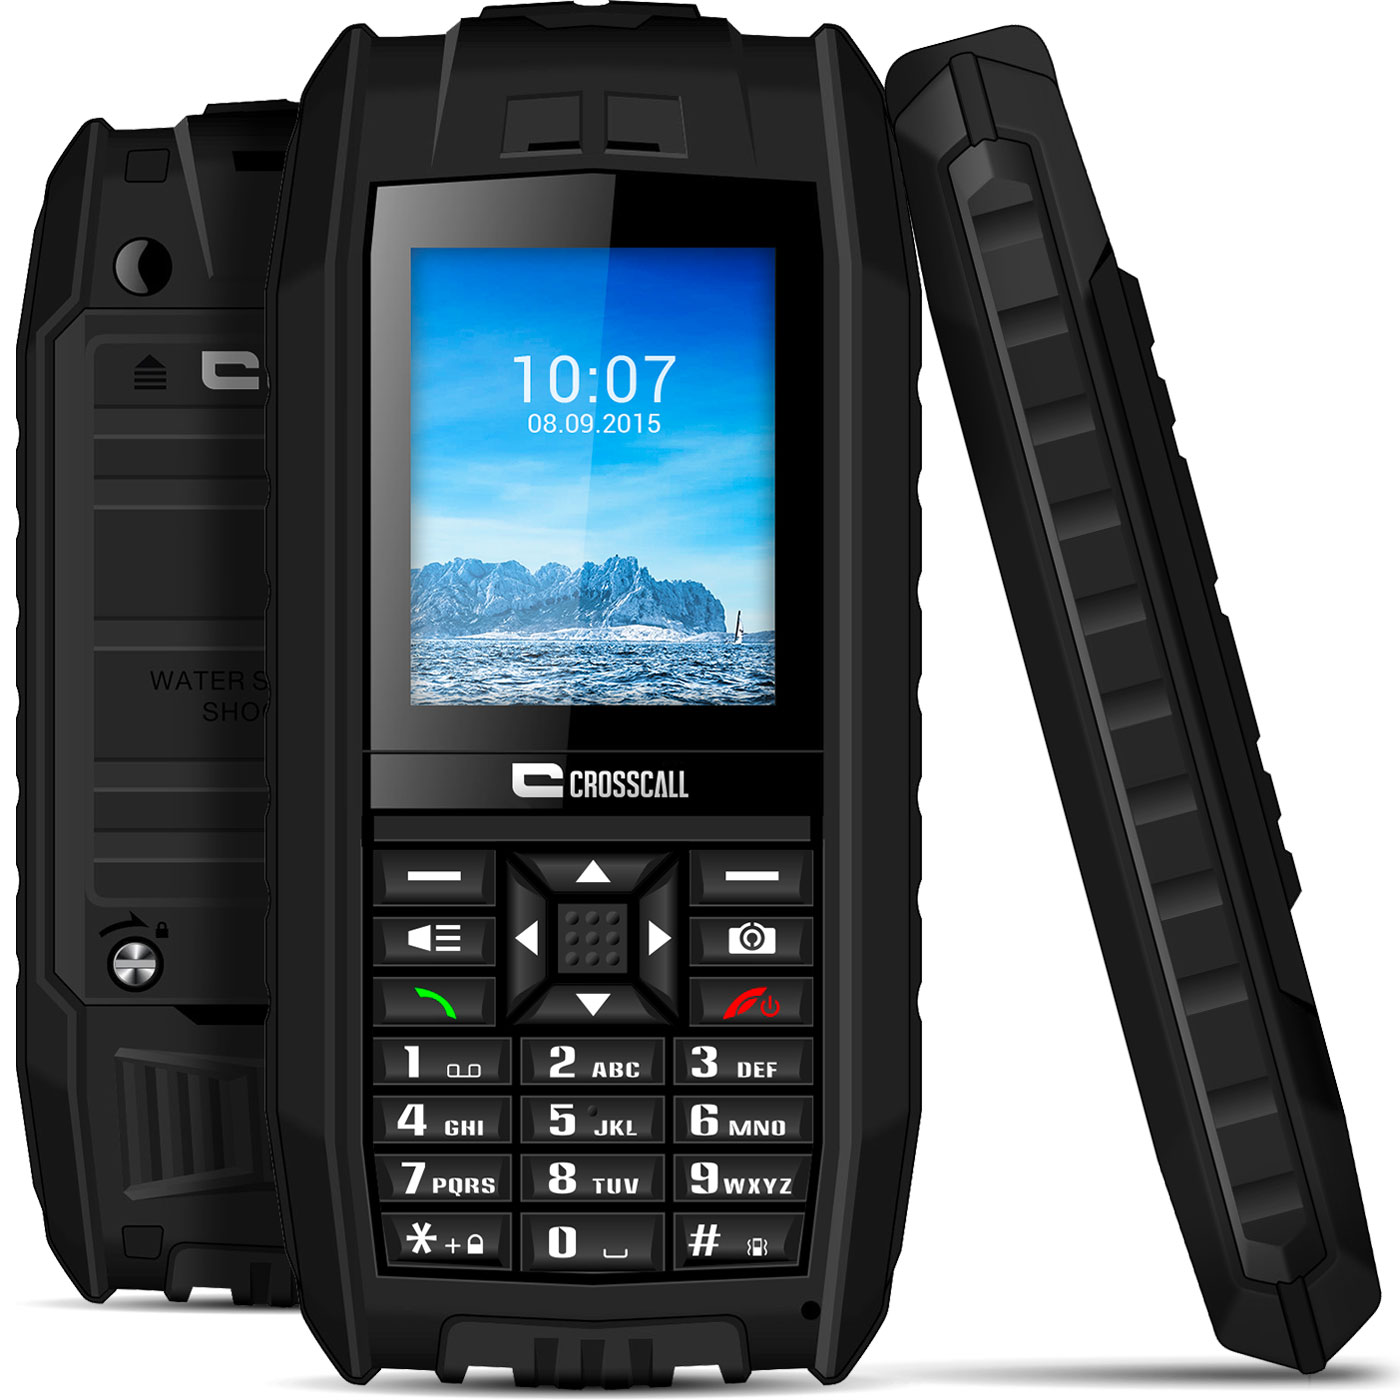 Crosscall Shark V2 Noir Mobile Amp Smartphone Crosscall